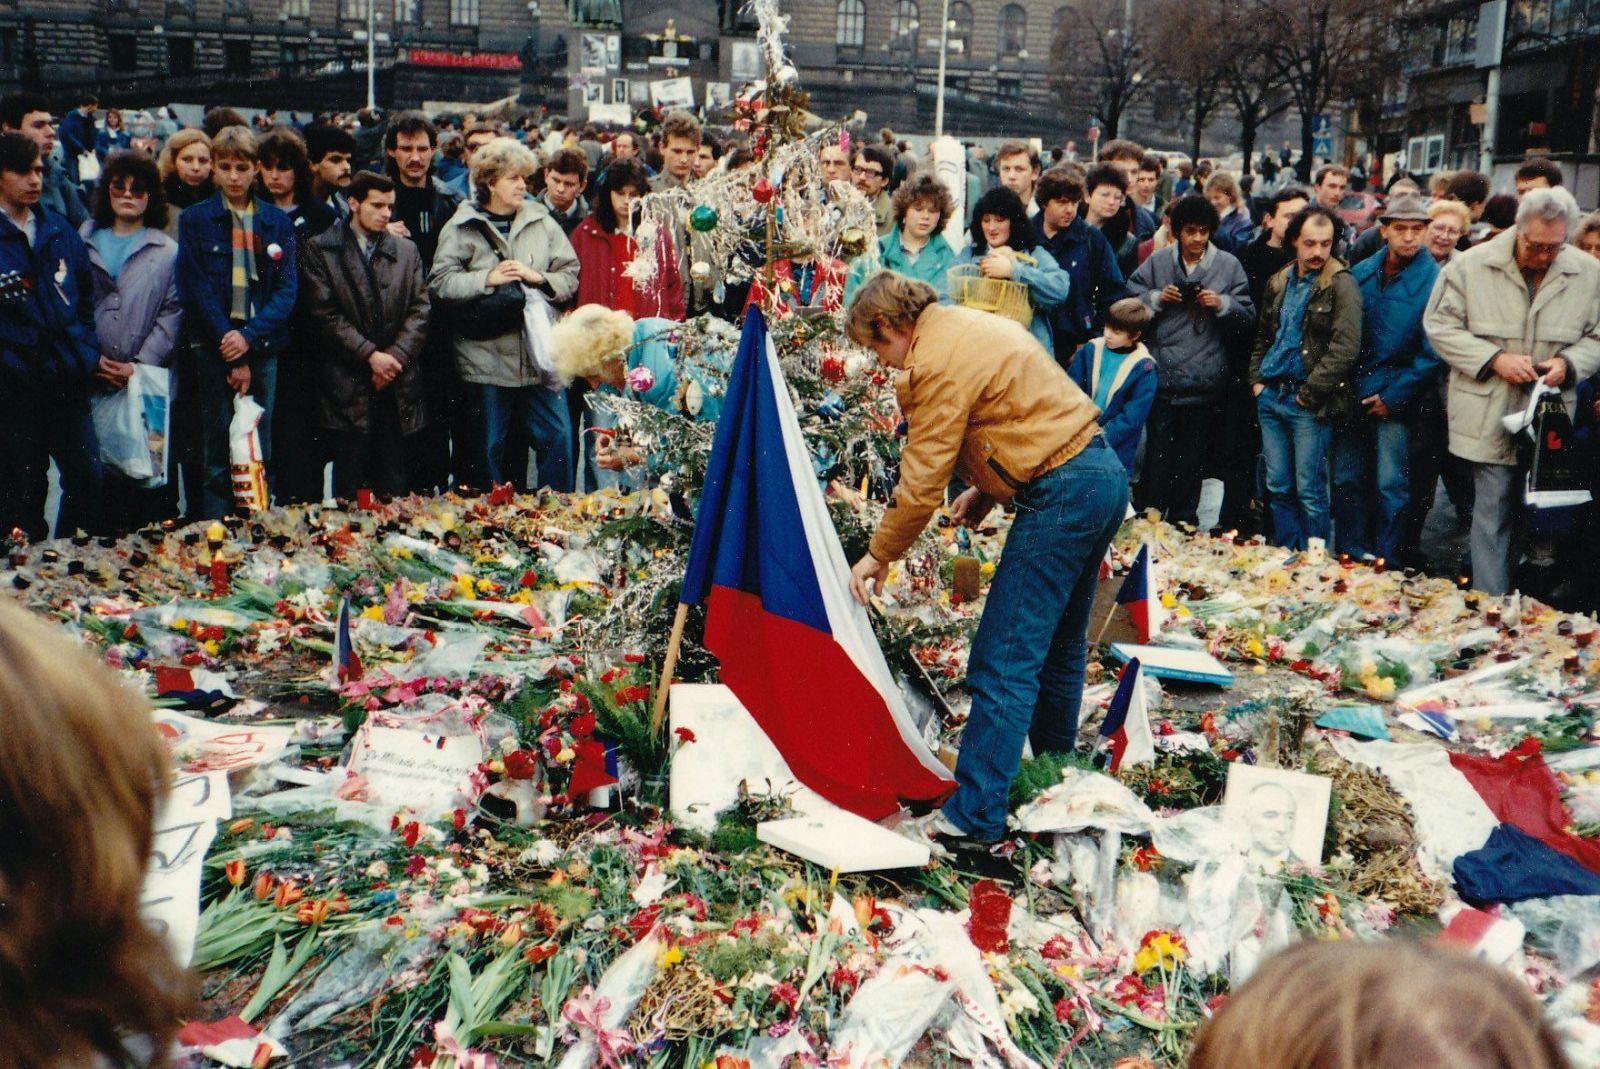 Za komunistů se žilo líp a listopad 89 byl spiknutí? Největší lži o sametové revoluci a socialismu v Československu